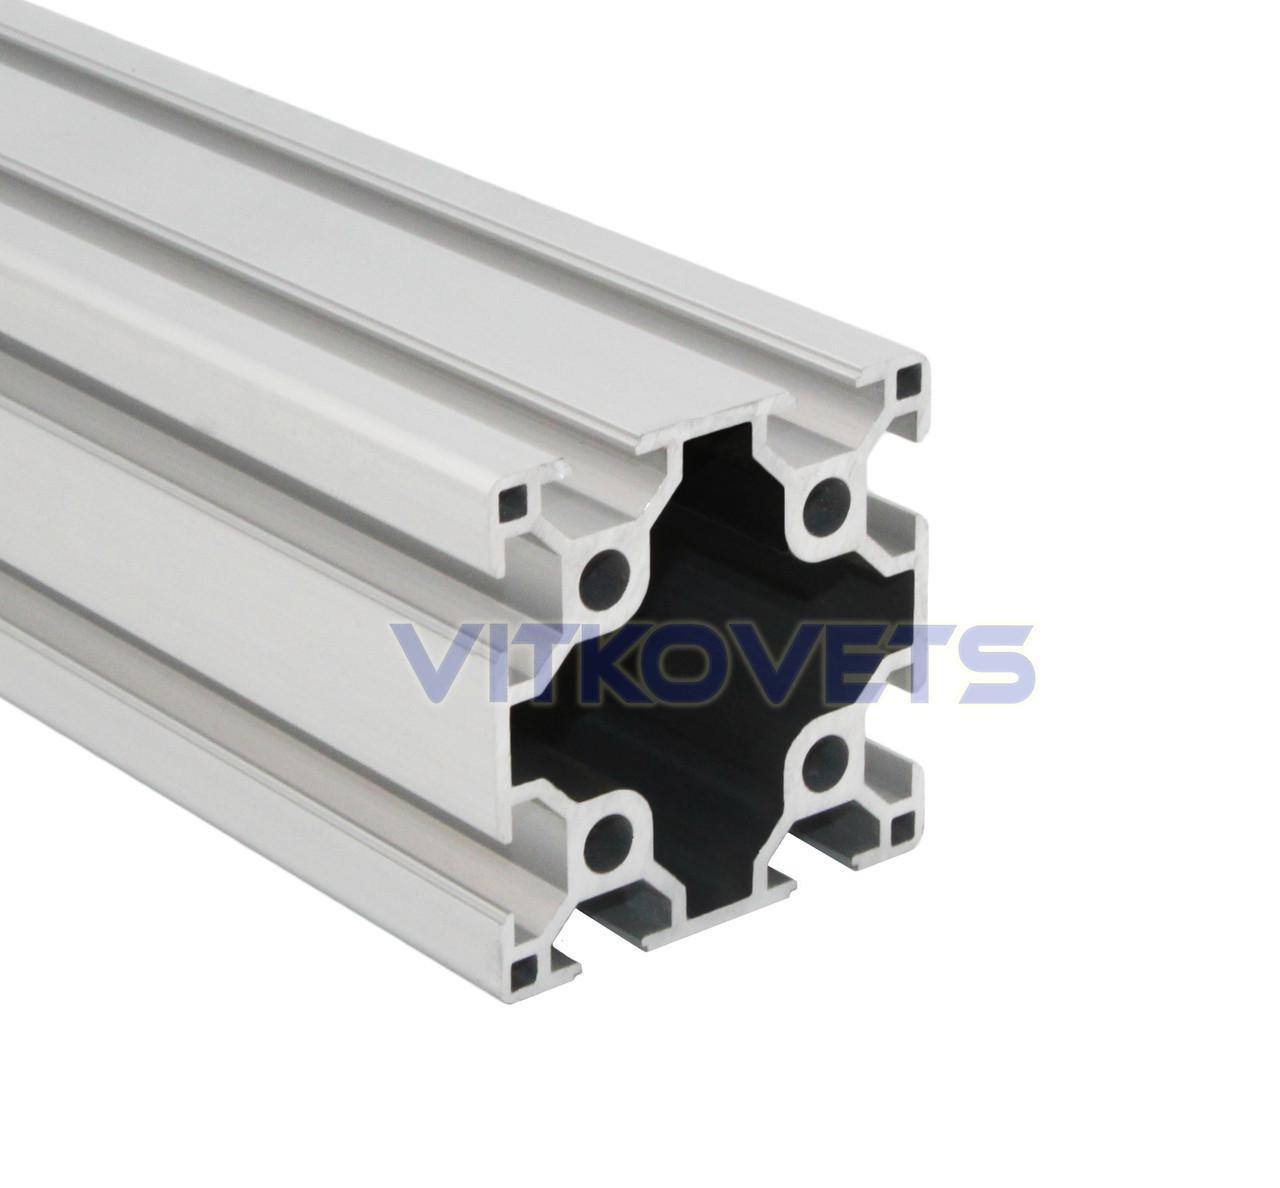 Станочный алюминиевый профиль двопазовый 60х60 3000мм